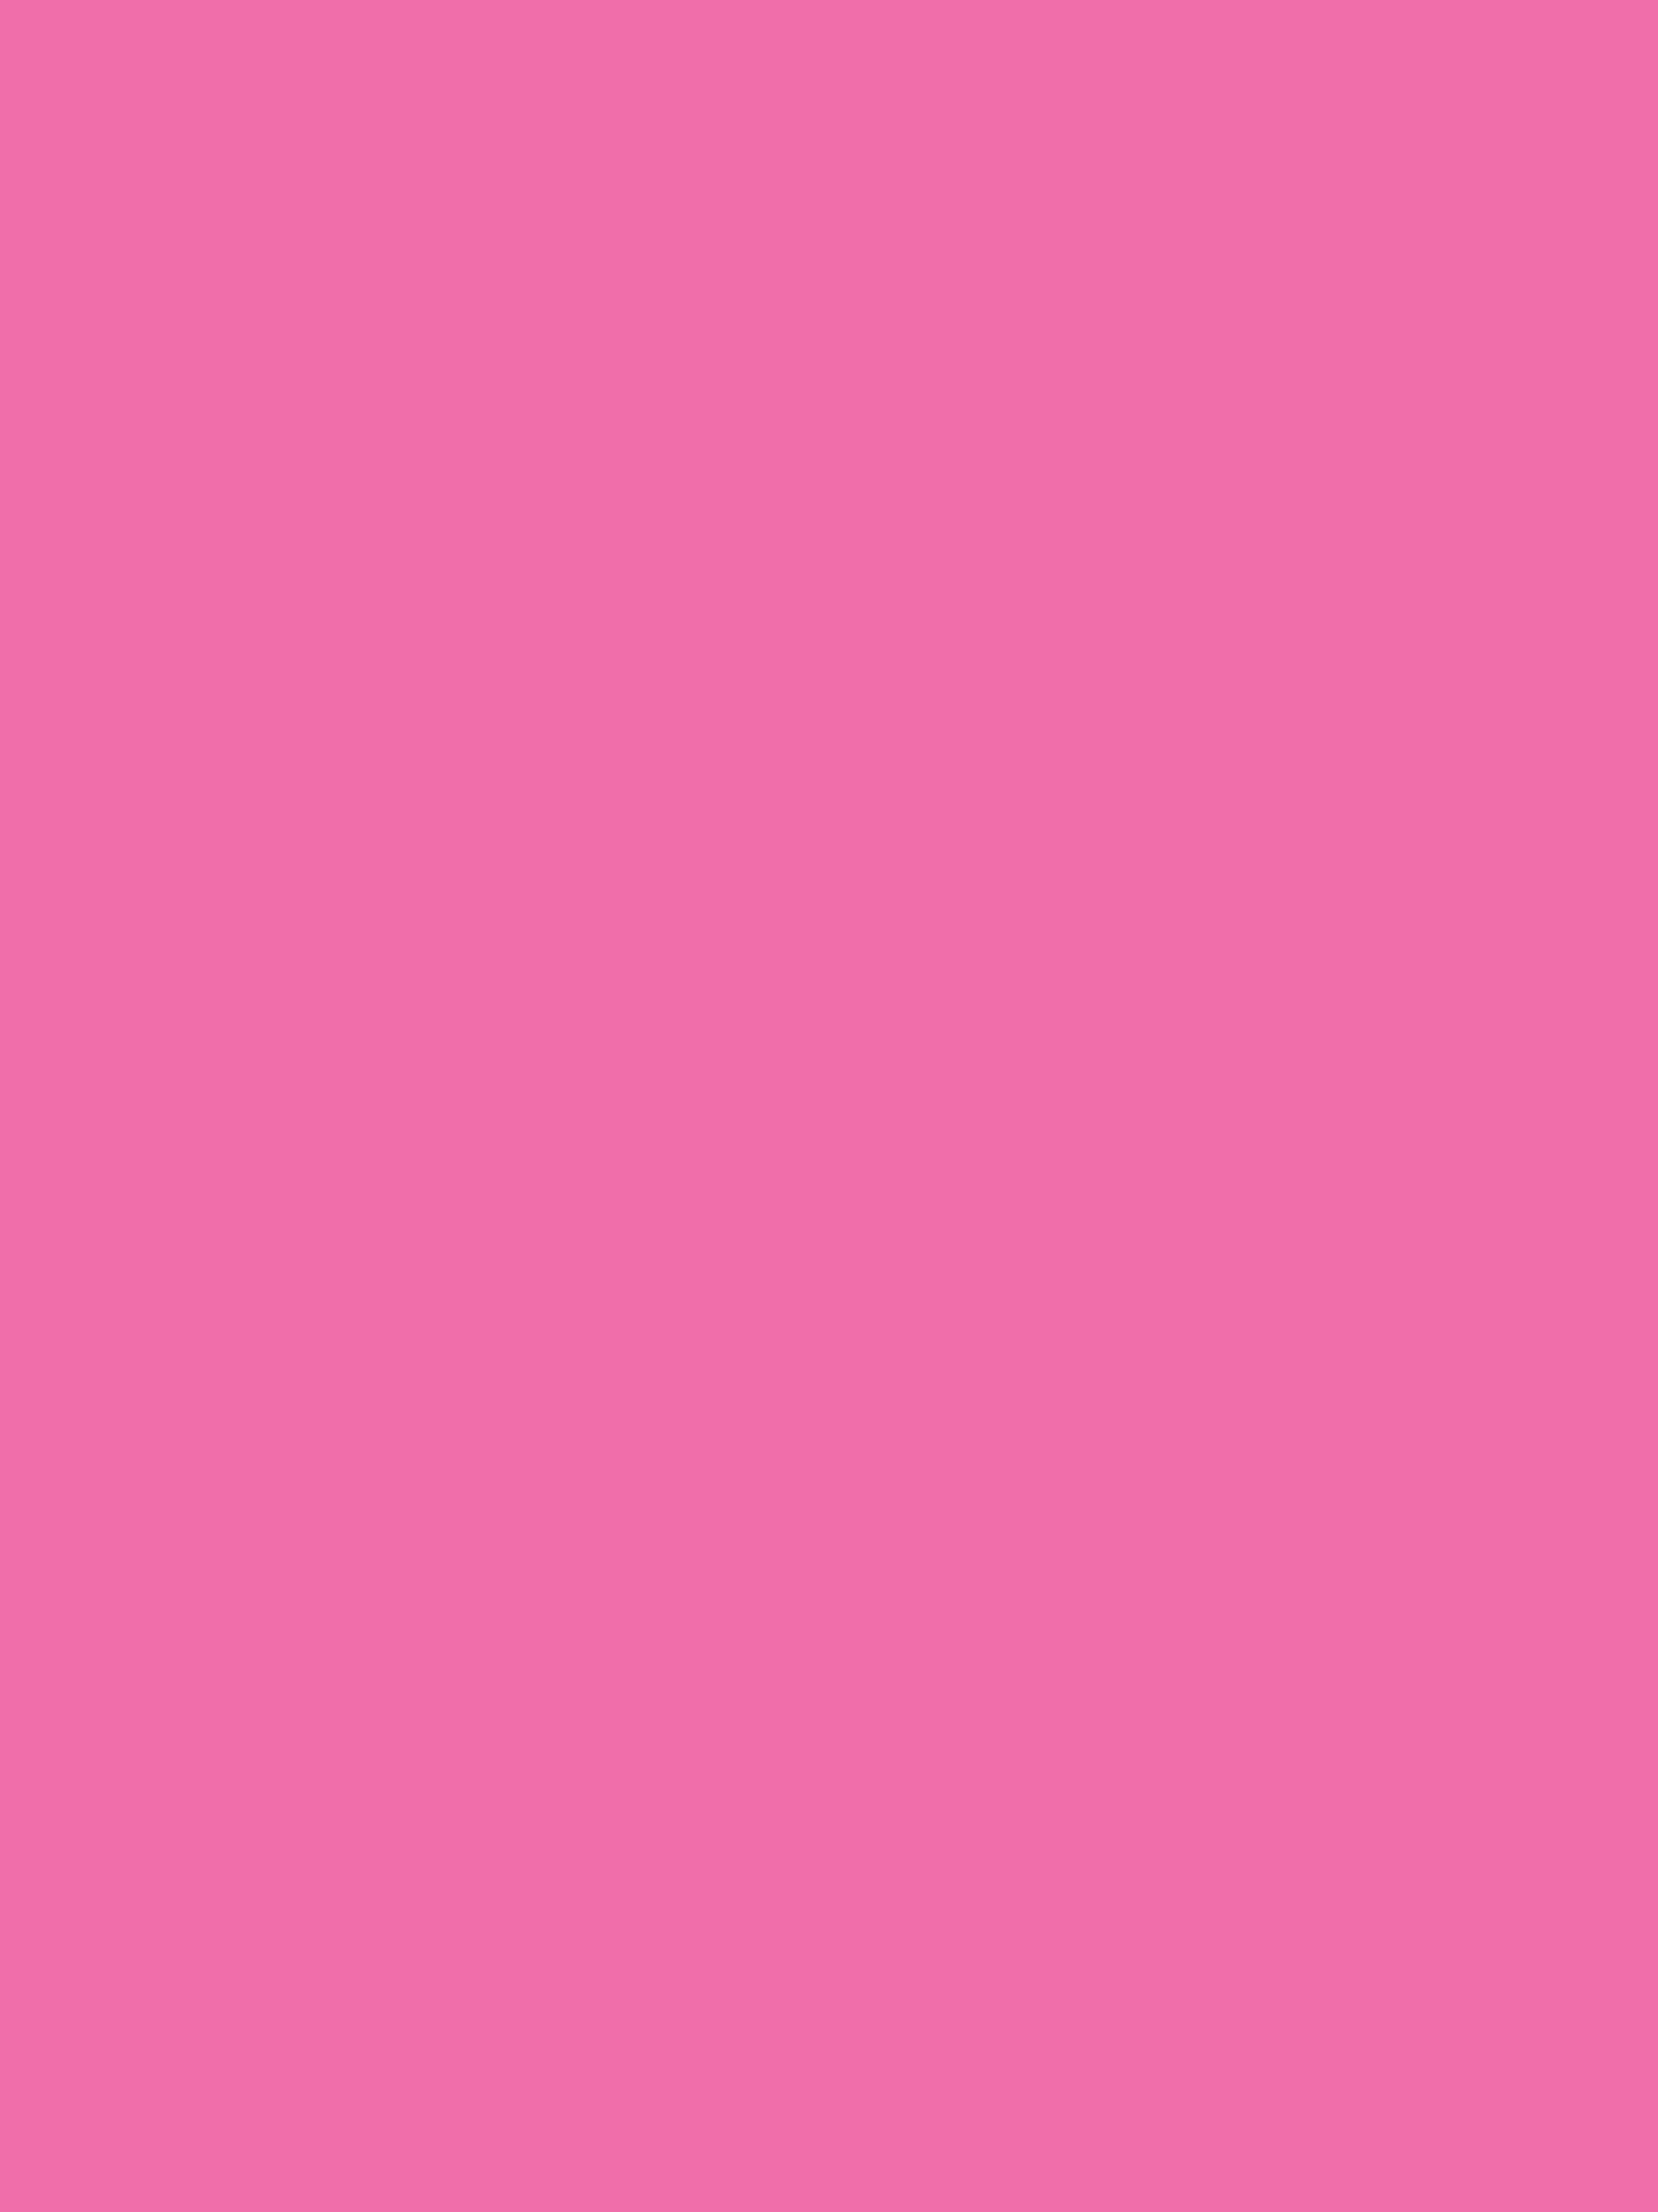 Ipad Vertical_2048x2732_Dots_Pink.png